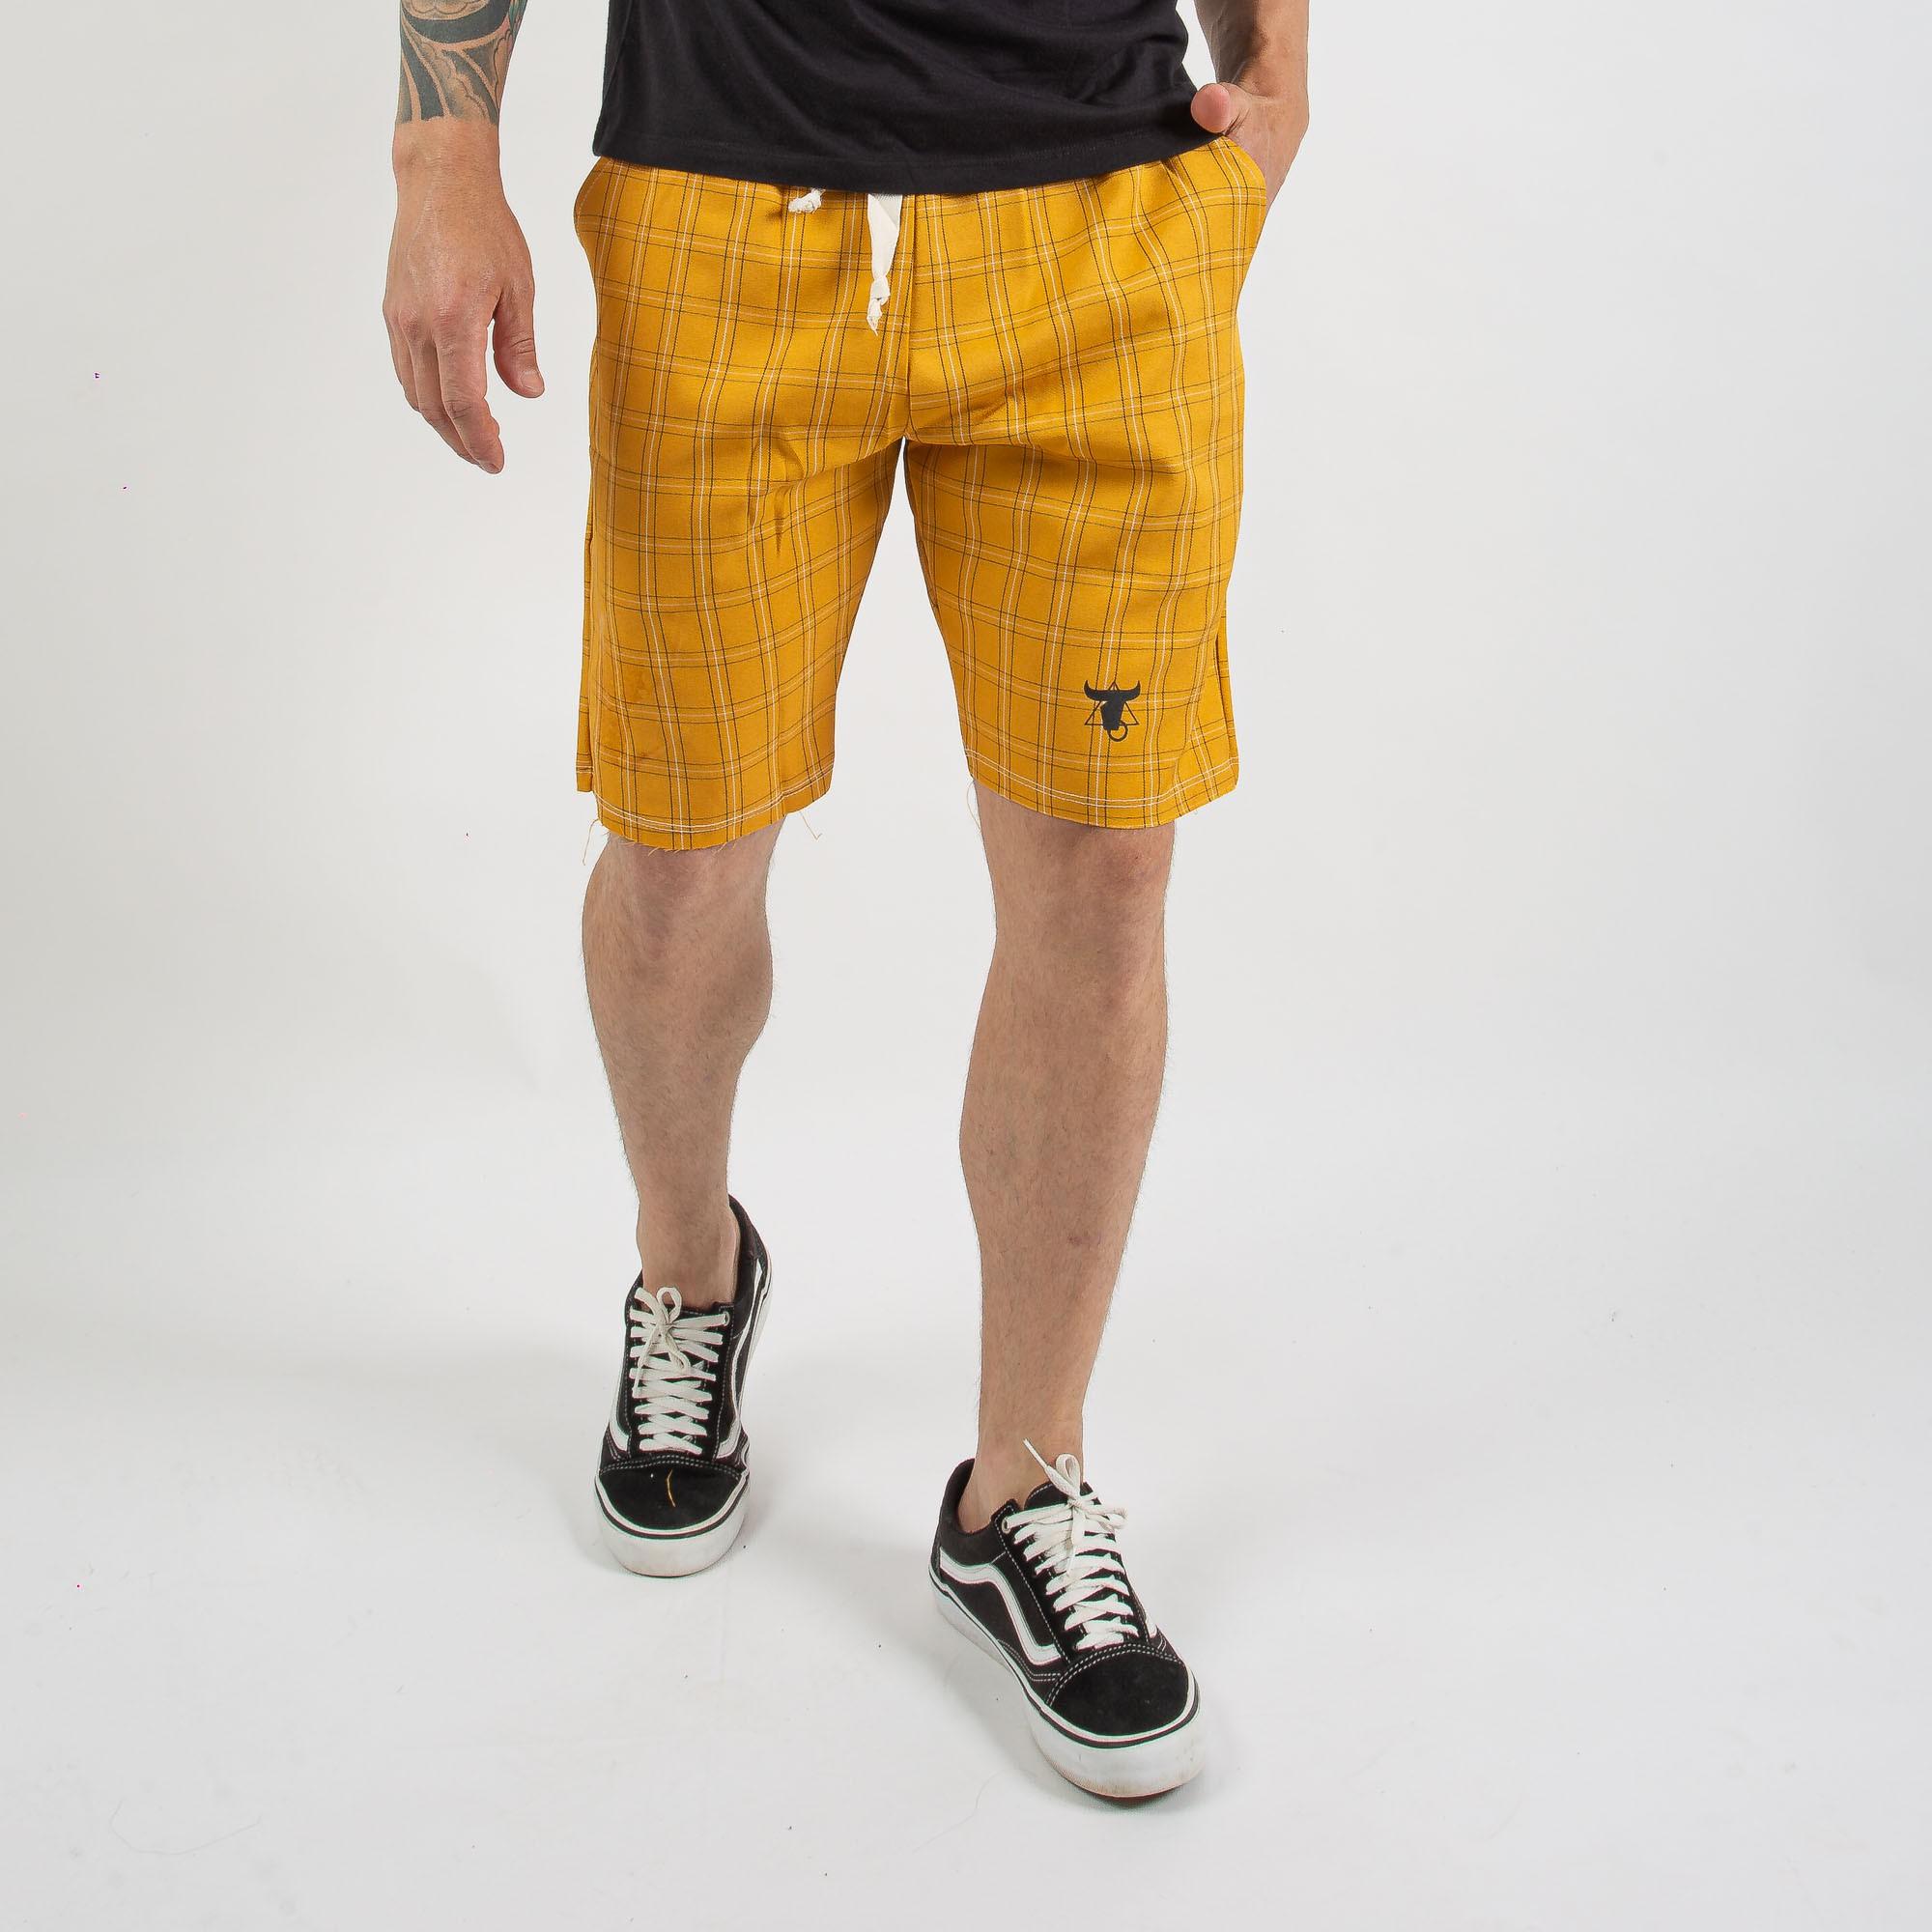 Bermuda Masculina Amarelo Xadrez Com Cordão